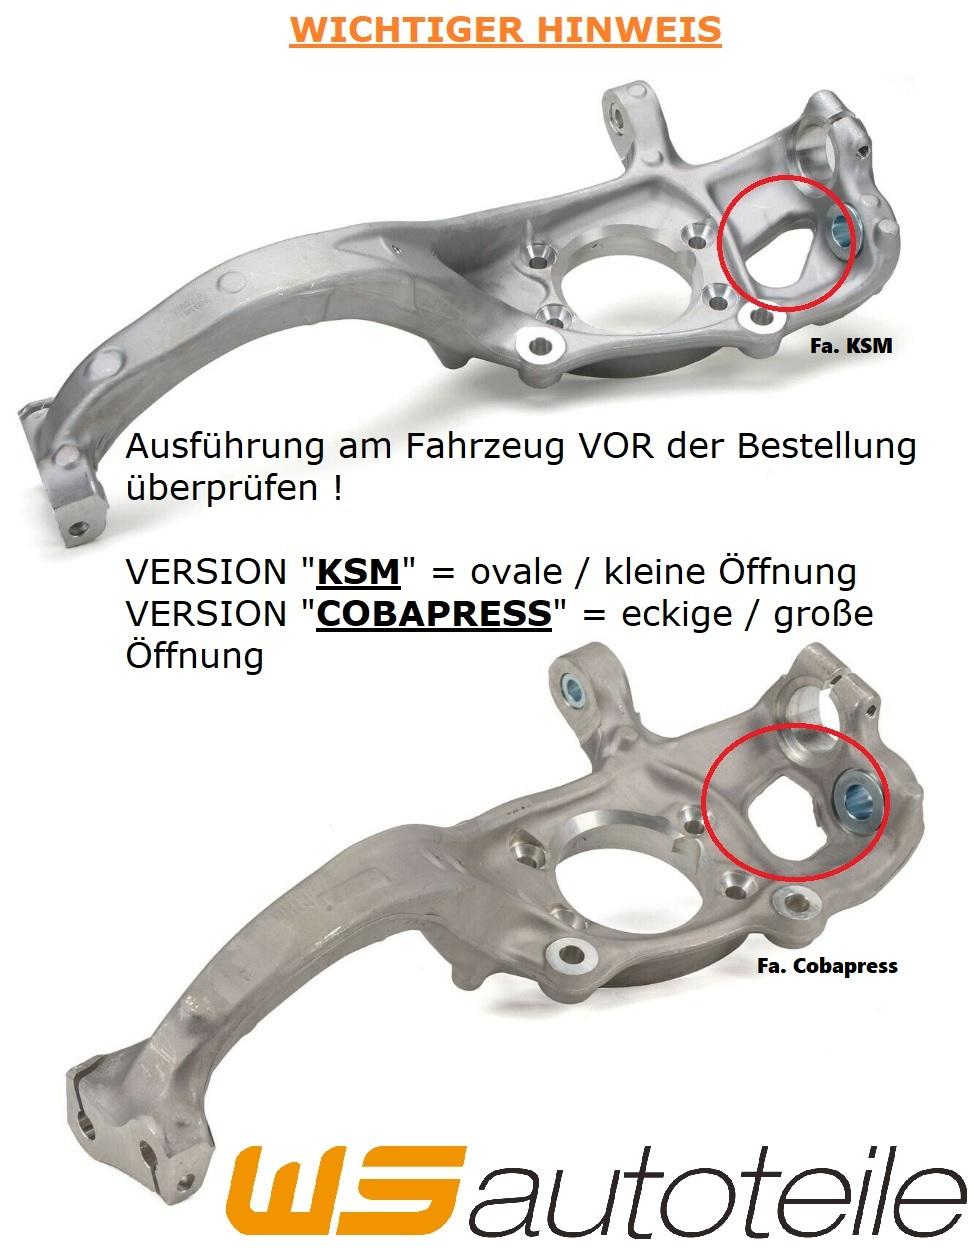 AIC Achsschenkel KSM für AUDI A4 B8 A5 8T 8F bis 11.2009 vorne rechts 8K0407254T